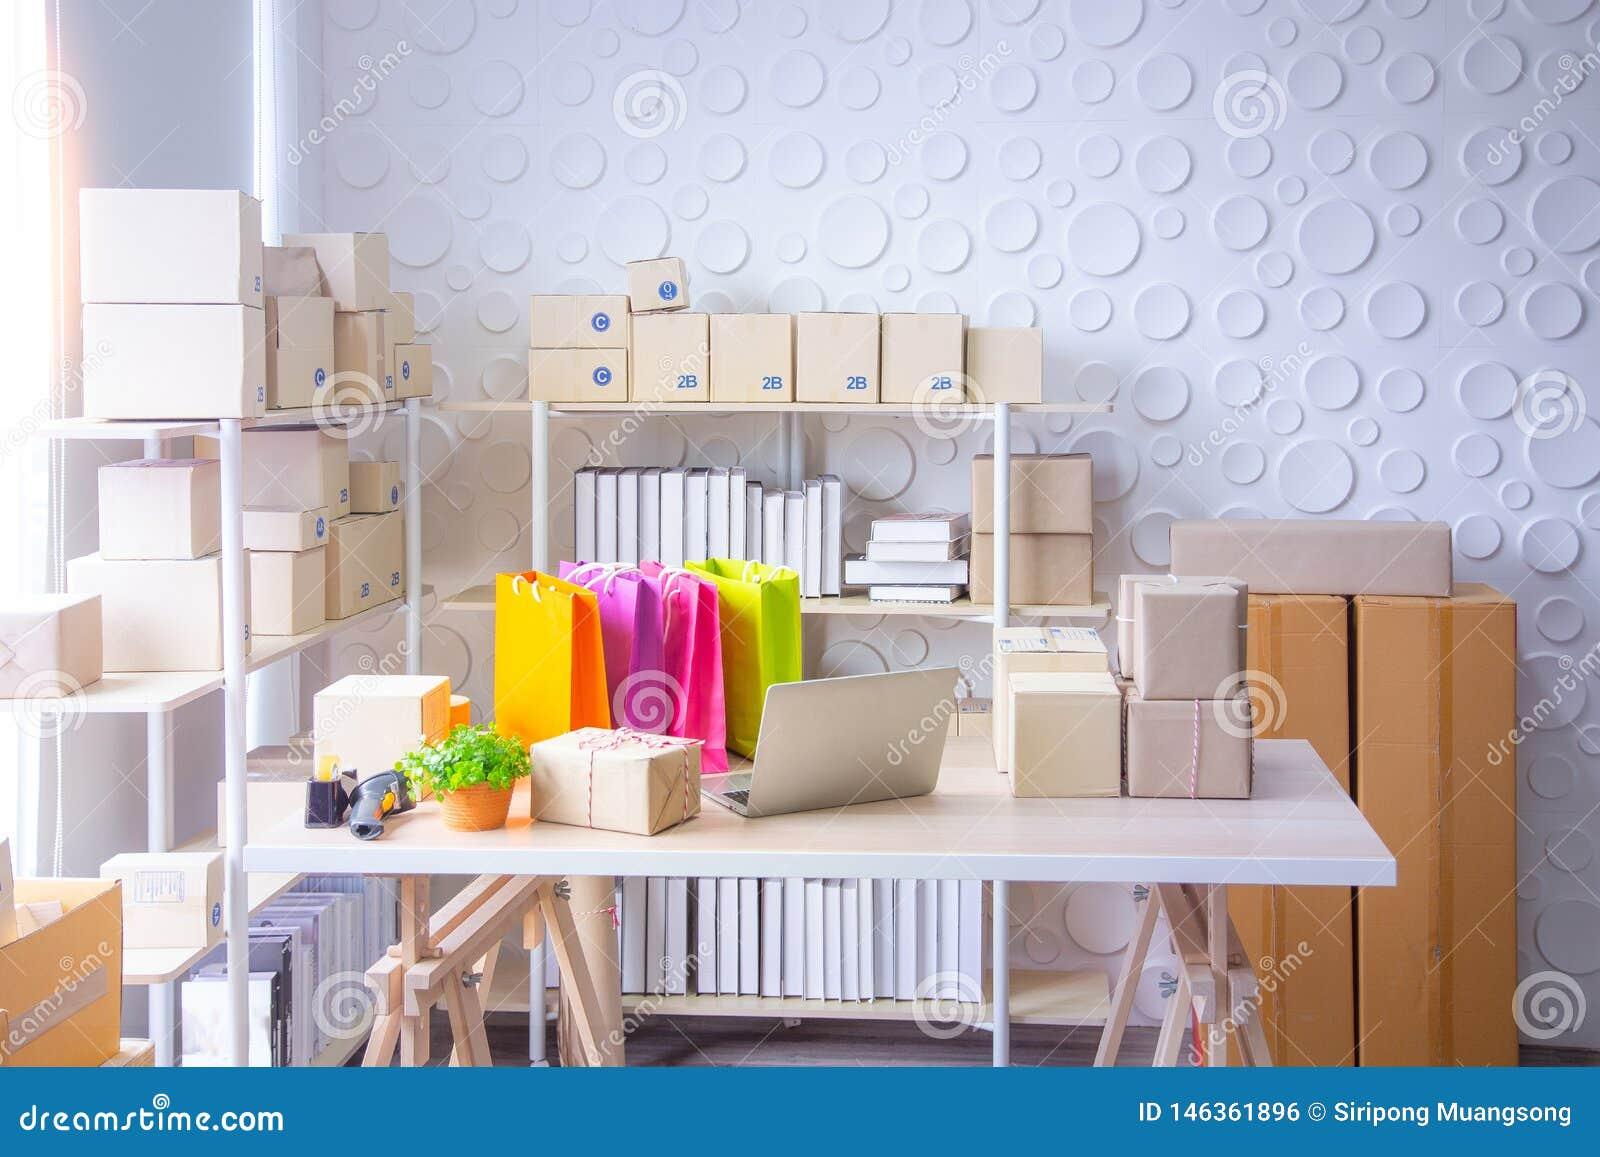 Οι ΜΜΕ, κατάστημα για προετοιμάζουν το προϊόν που στέλνεται στον πελάτη